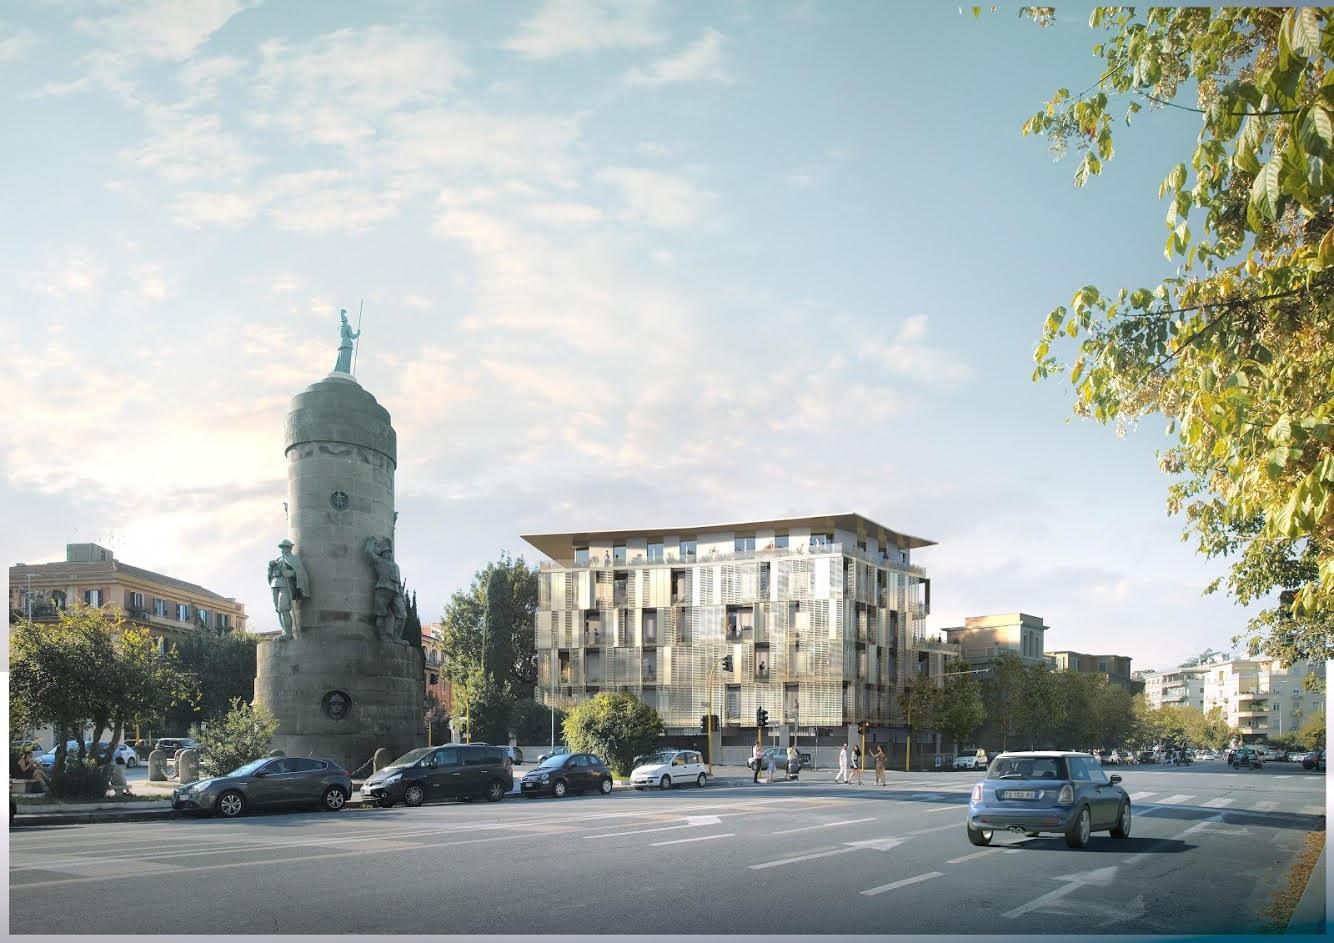 Il nuovo edificio dello studio It's che avrebbe sostituito Villa Paolina